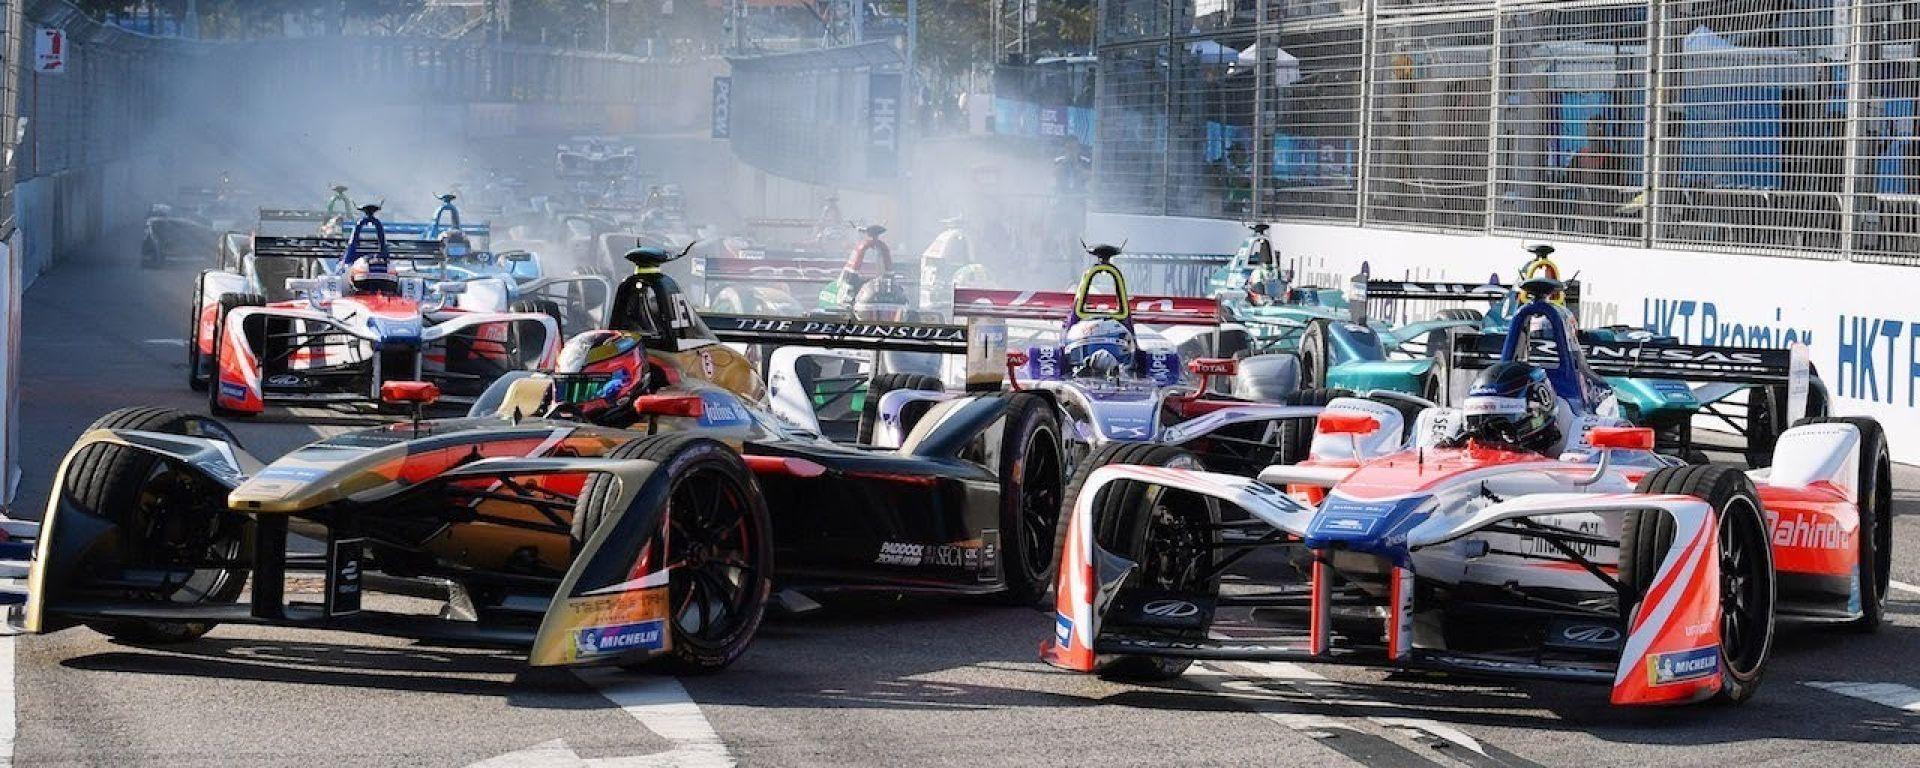 Formula E 2017/2018 - ePrix di Hong Kong, la bagarre dopo la prima curva